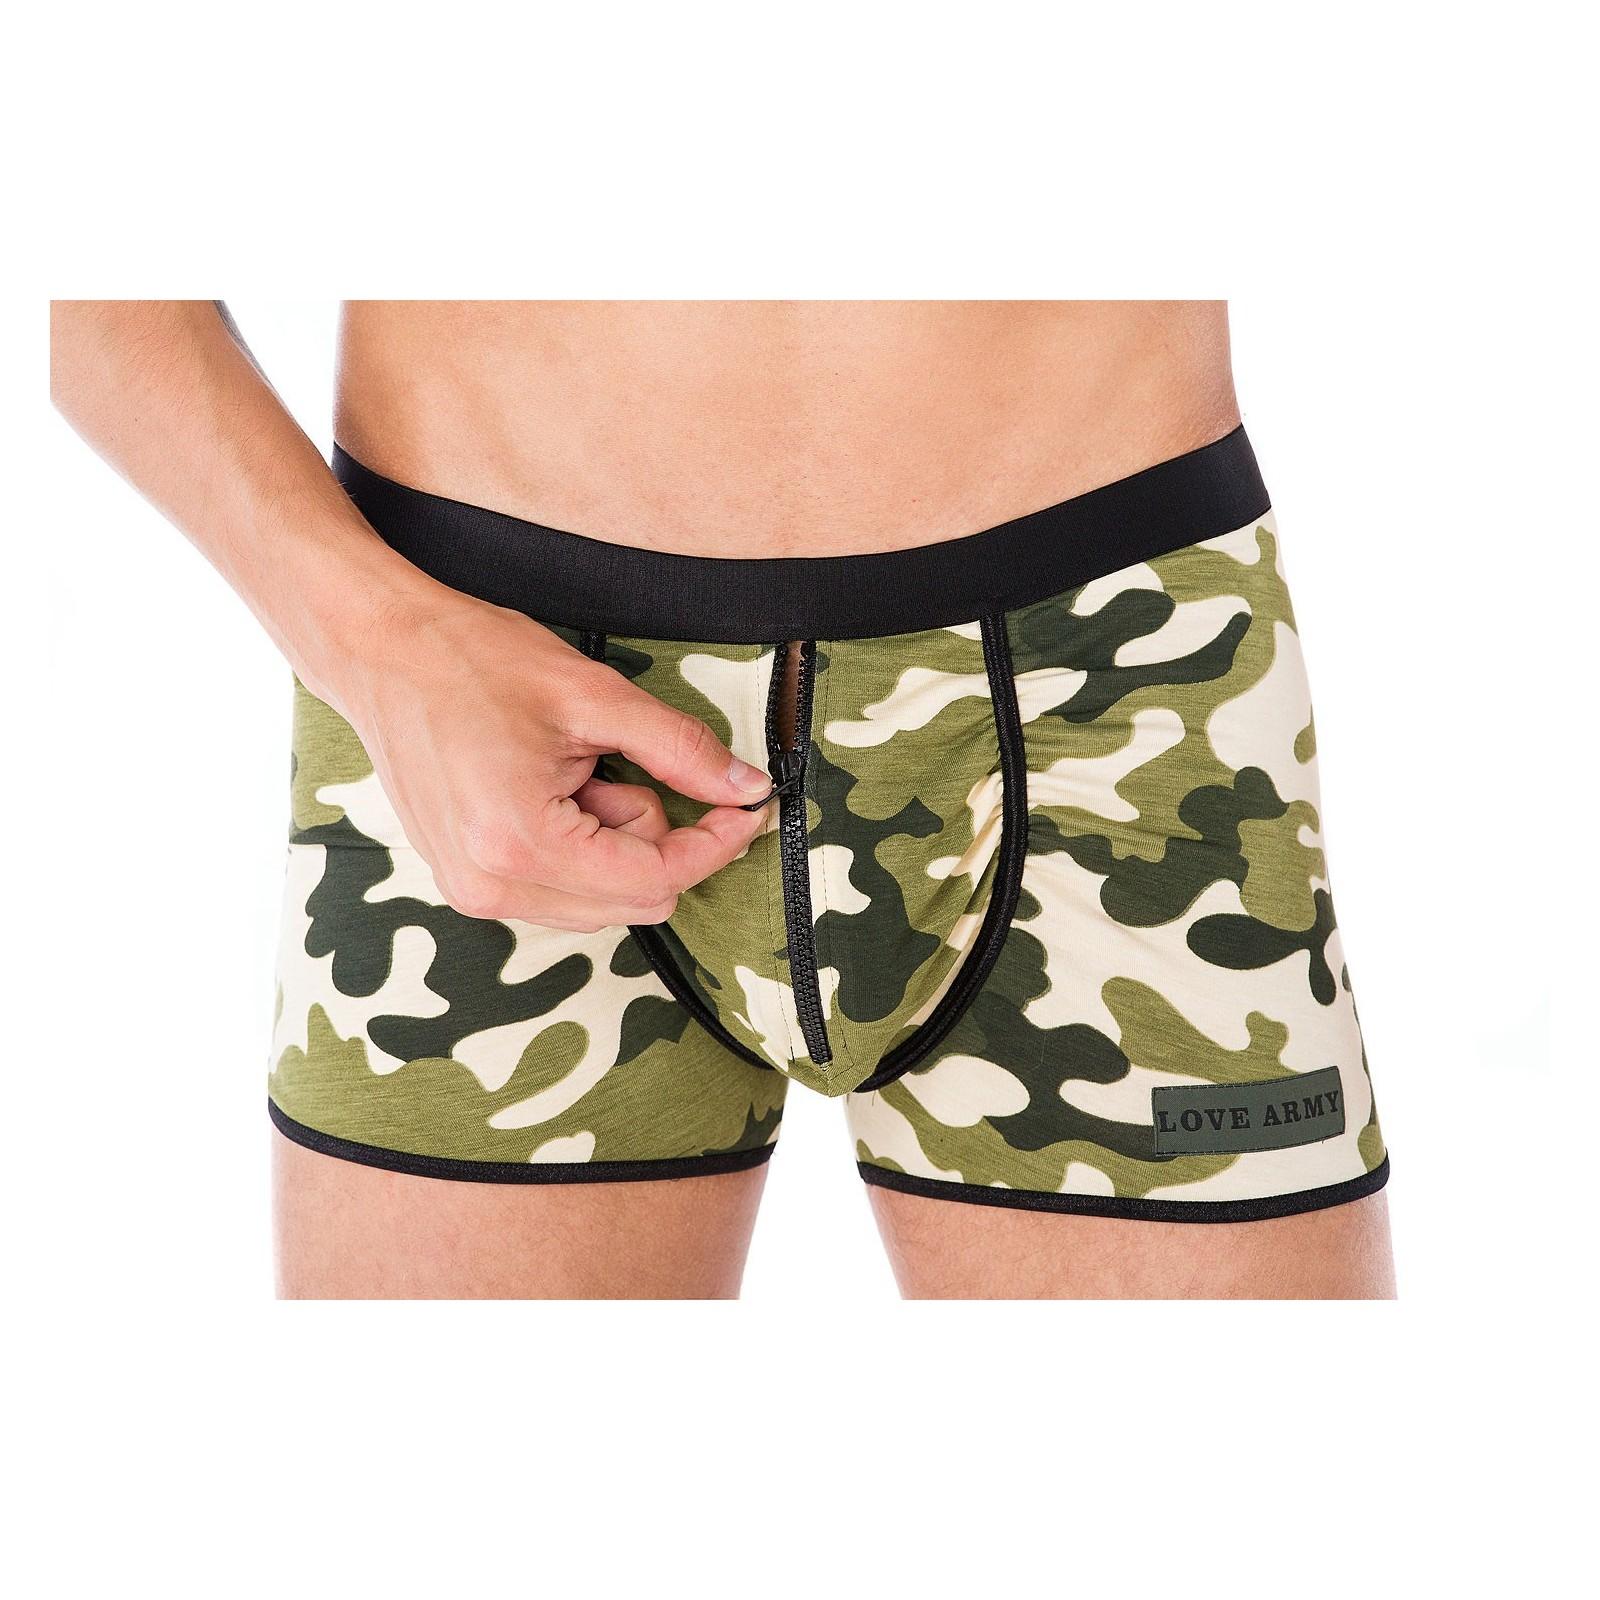 Boxershorts camouflage MC/9085 - 3 - Vorschaubild